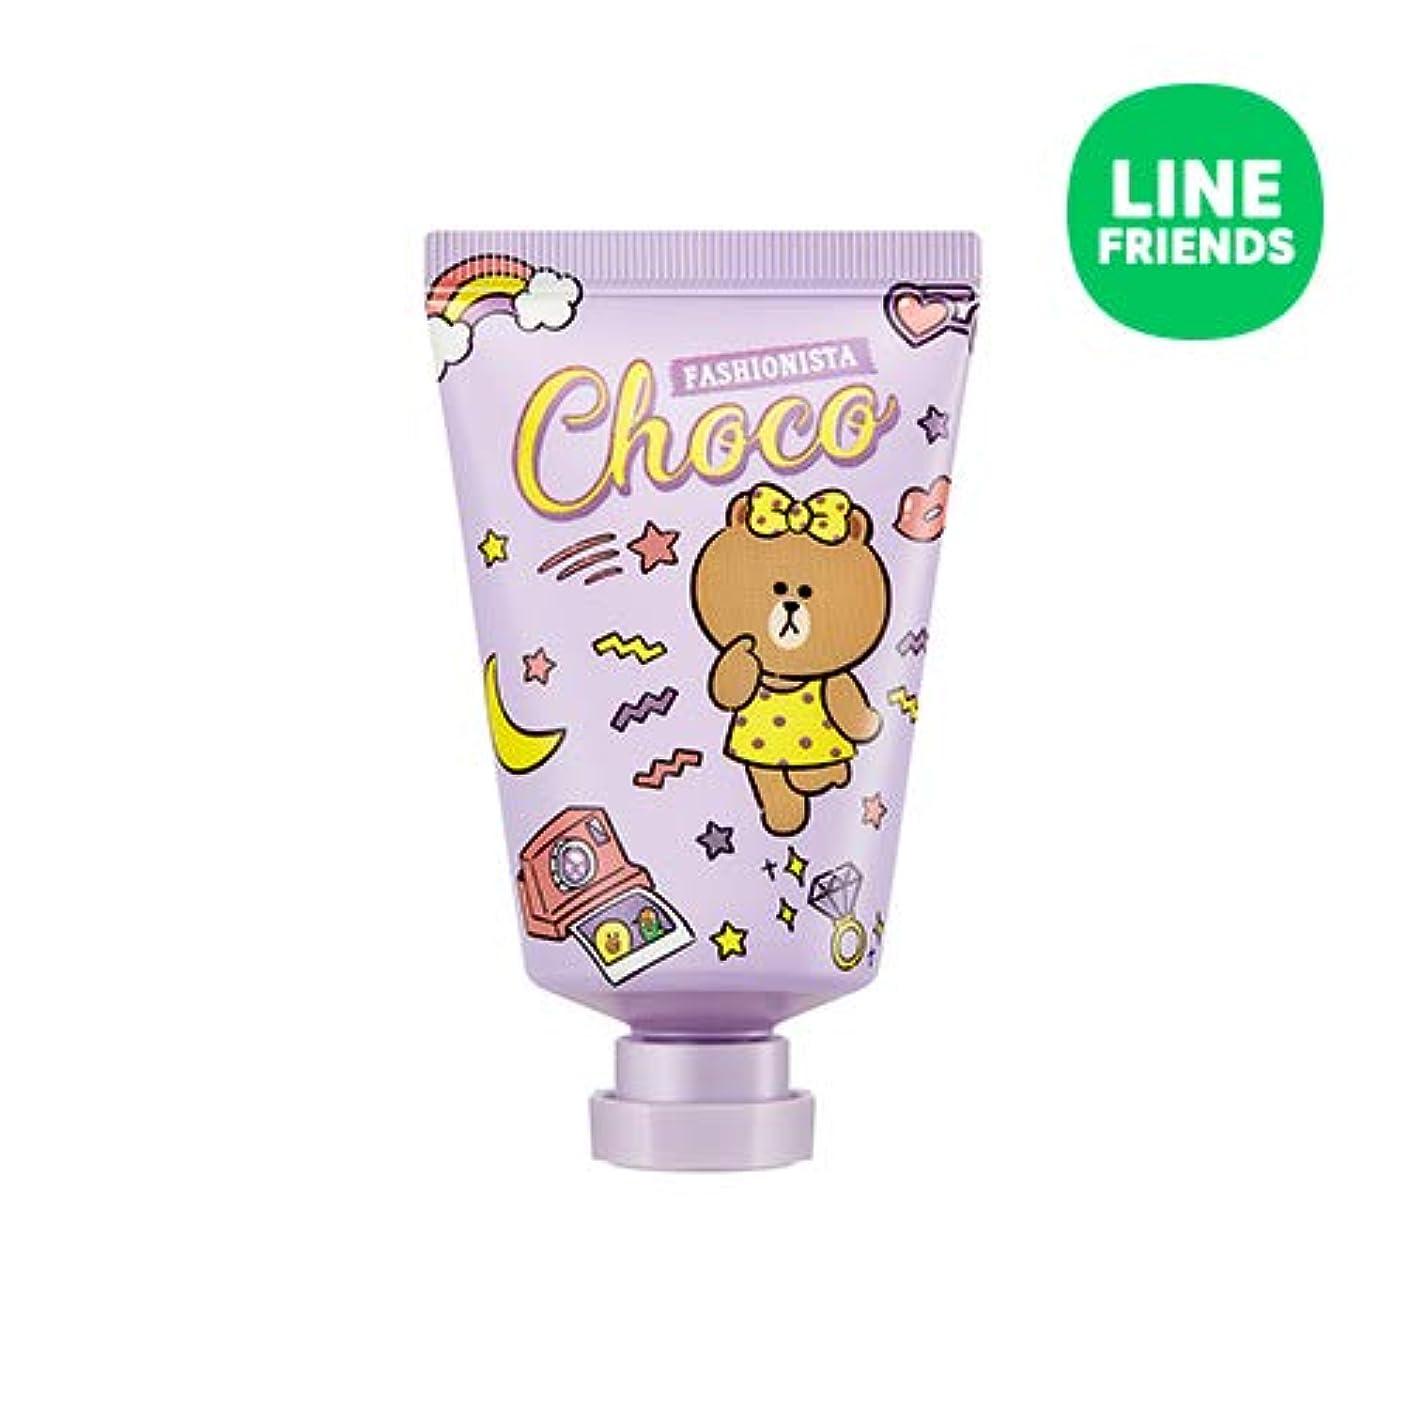 パンチ通常注入するミシャ(ラインフレンズ)ラブシークレットハンドクリーム 30ml MISSHA [Line Friends Edition] Love Secret Hand Cream - Choco # Pitch Cocktail...